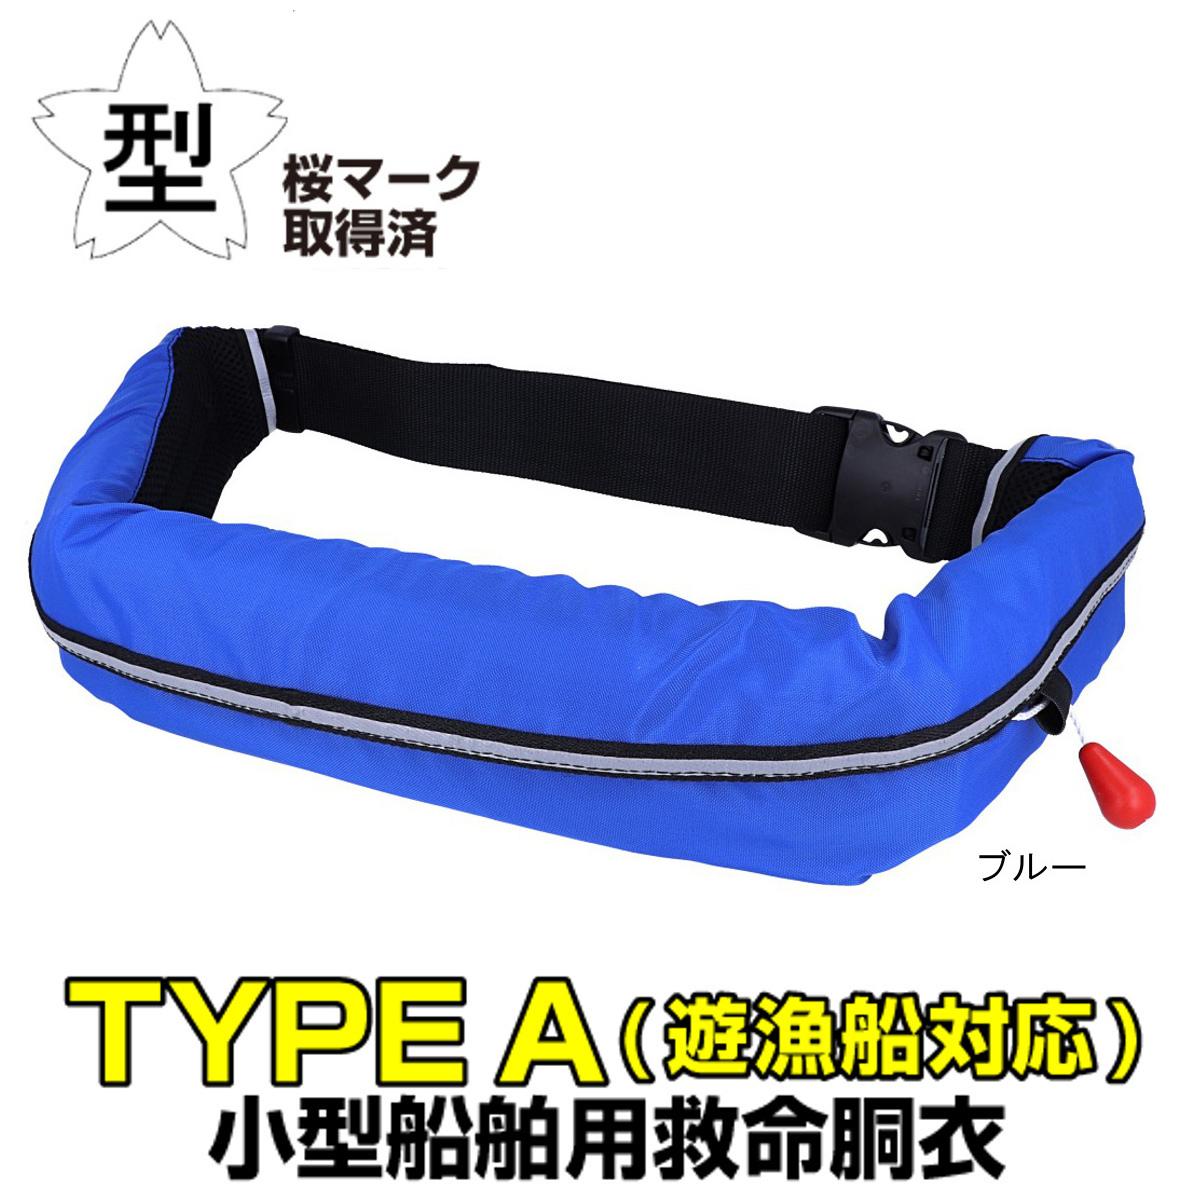 オーシャンWR-1型 TYPE A ブルー ※遊漁船対応【送料無料】